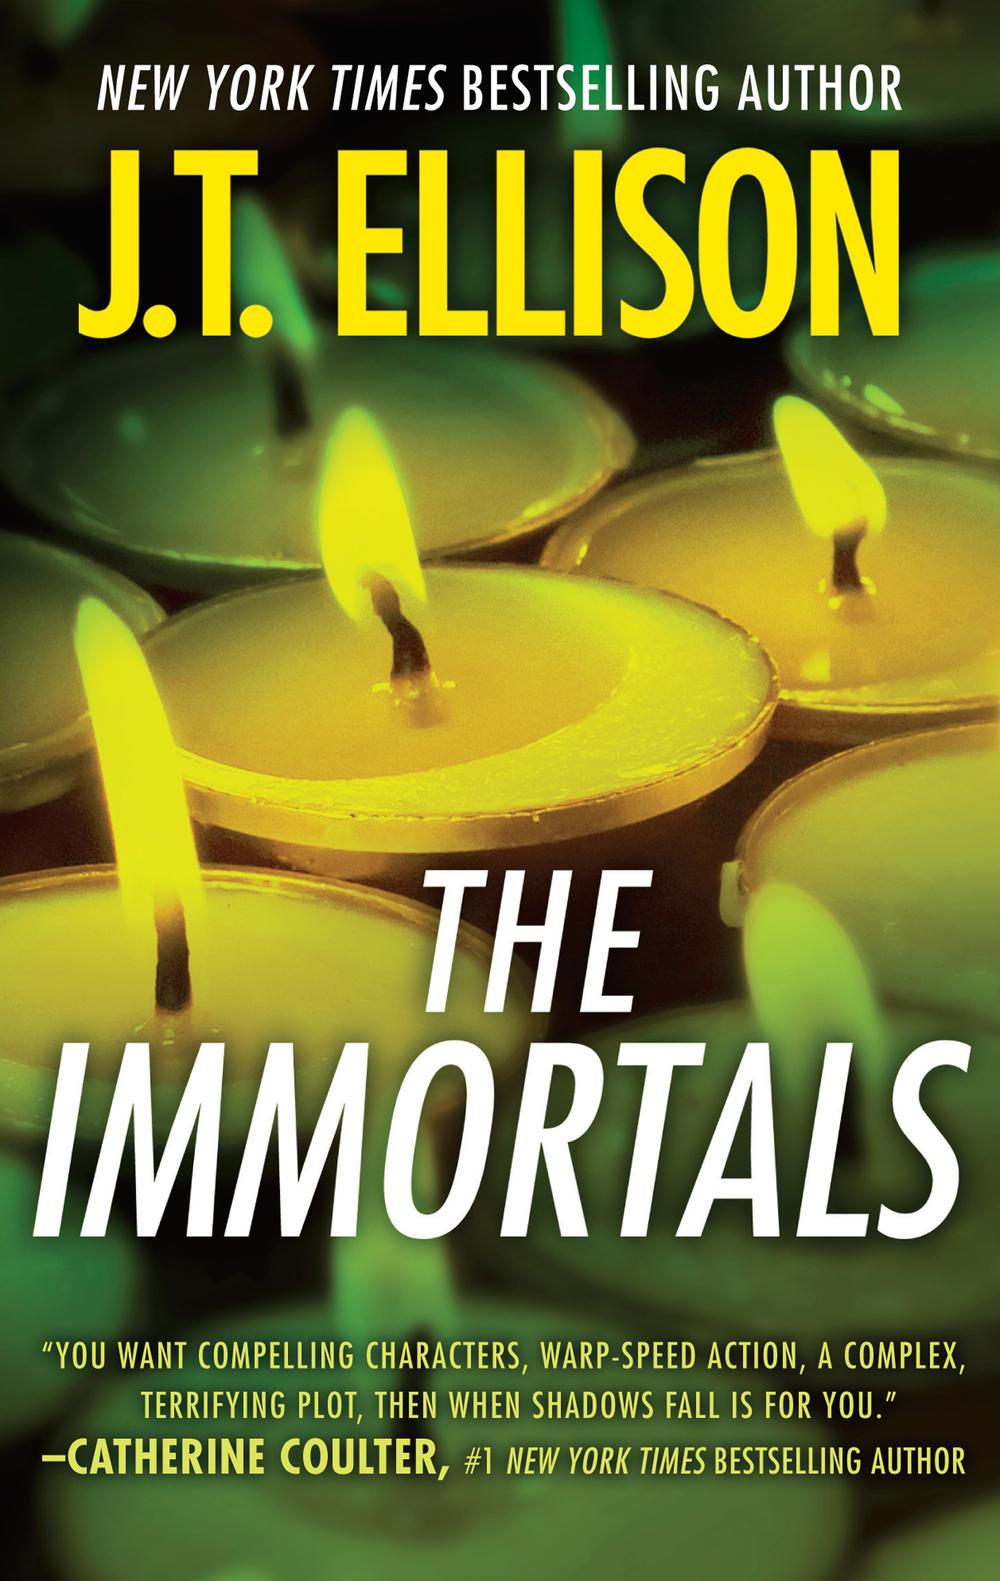 #5 - The Immortals